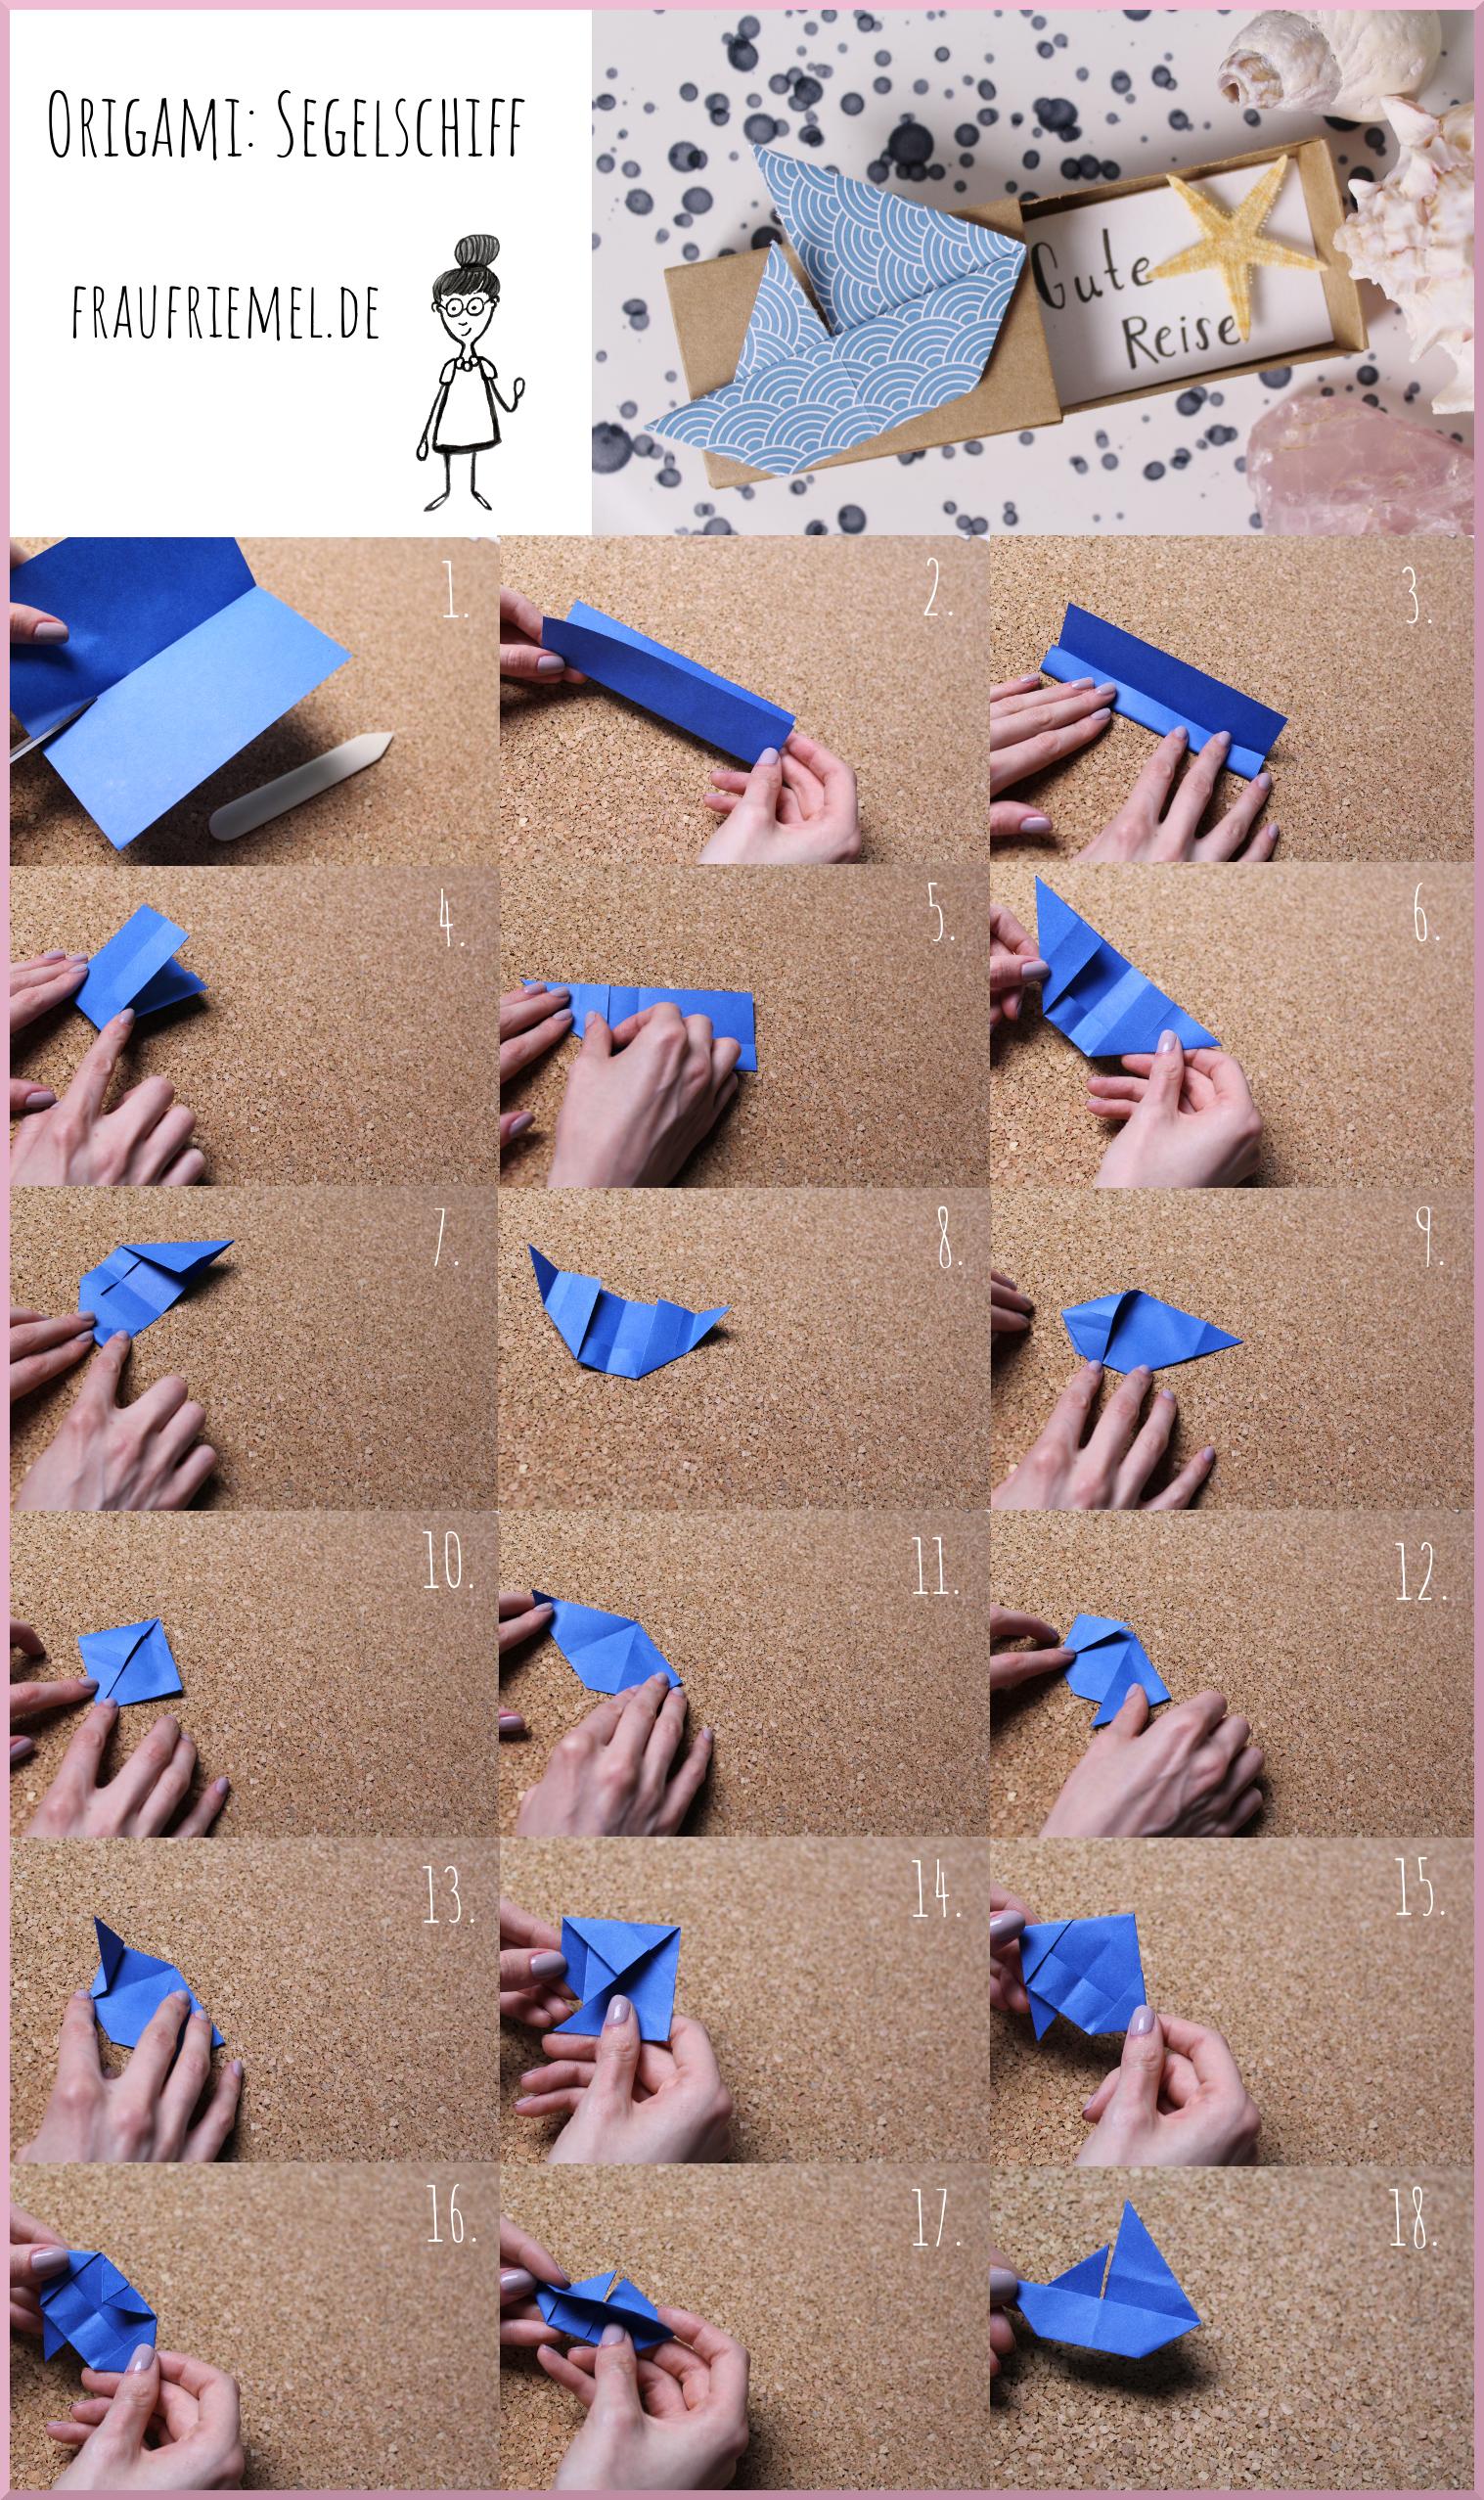 Origami Segelschiff Schritt-für-Schritt-Anleitung von frau friemel